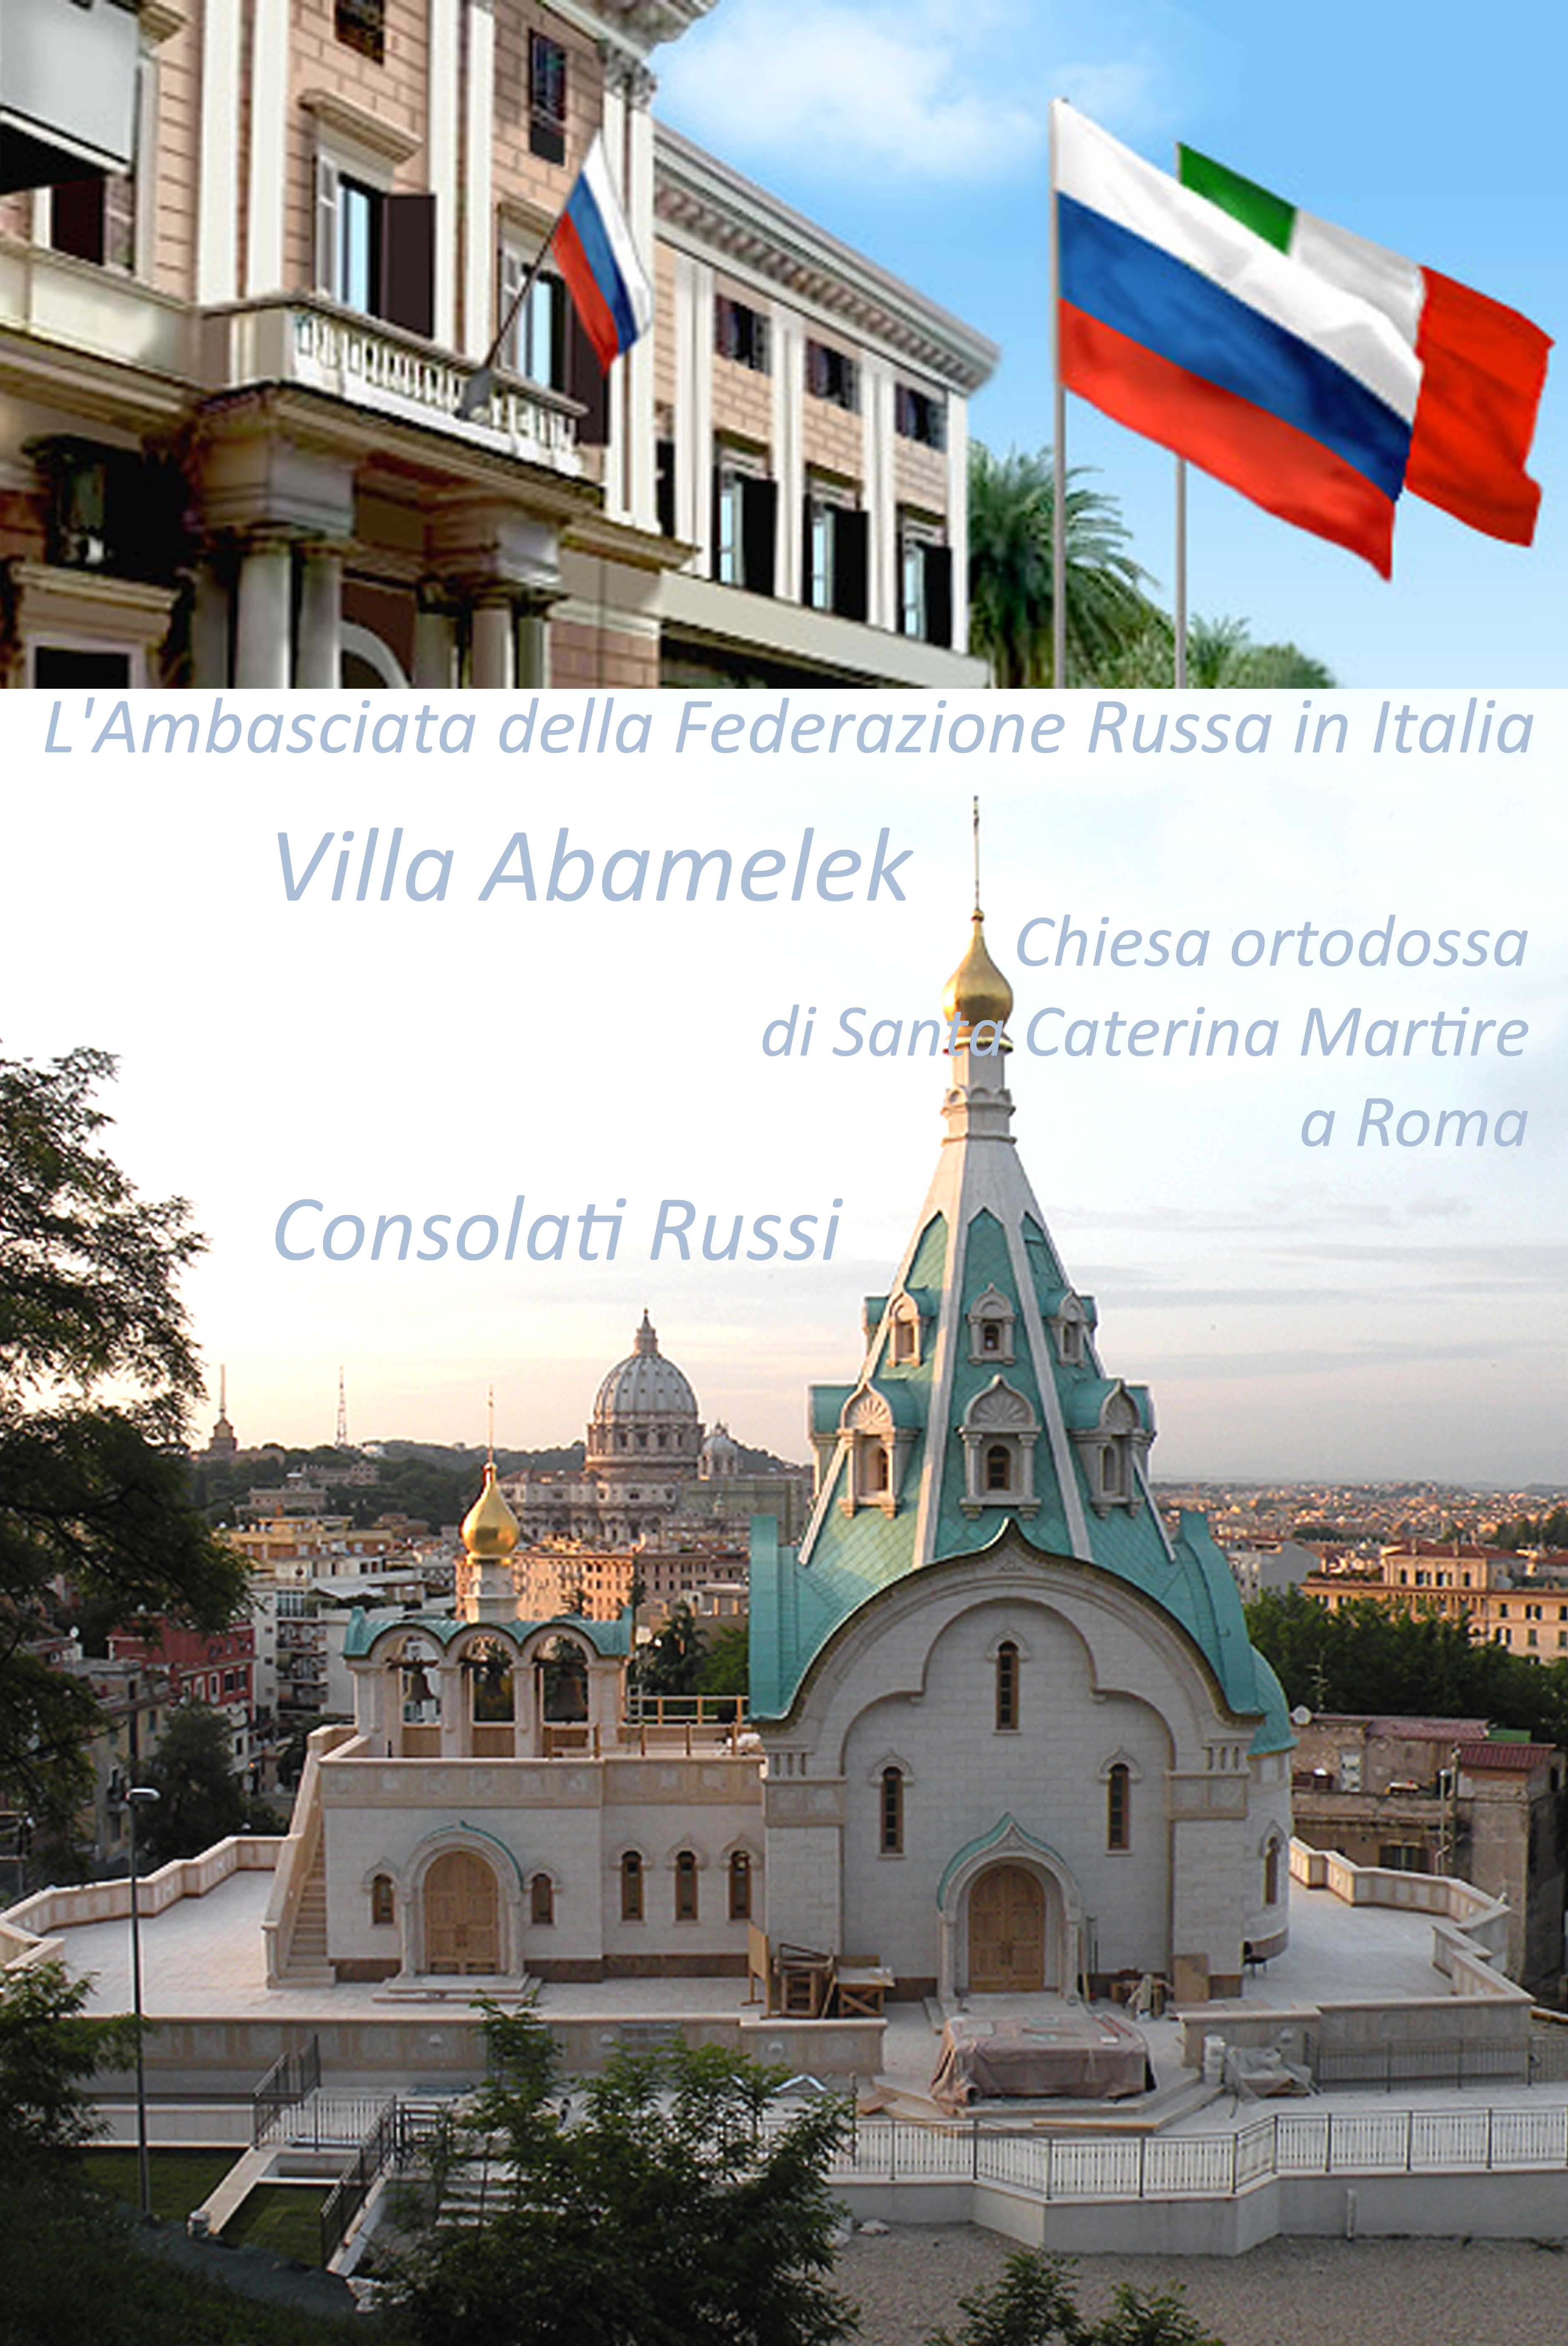 L'Ambasciata della Federazione Russa nella Repubblica Italiana